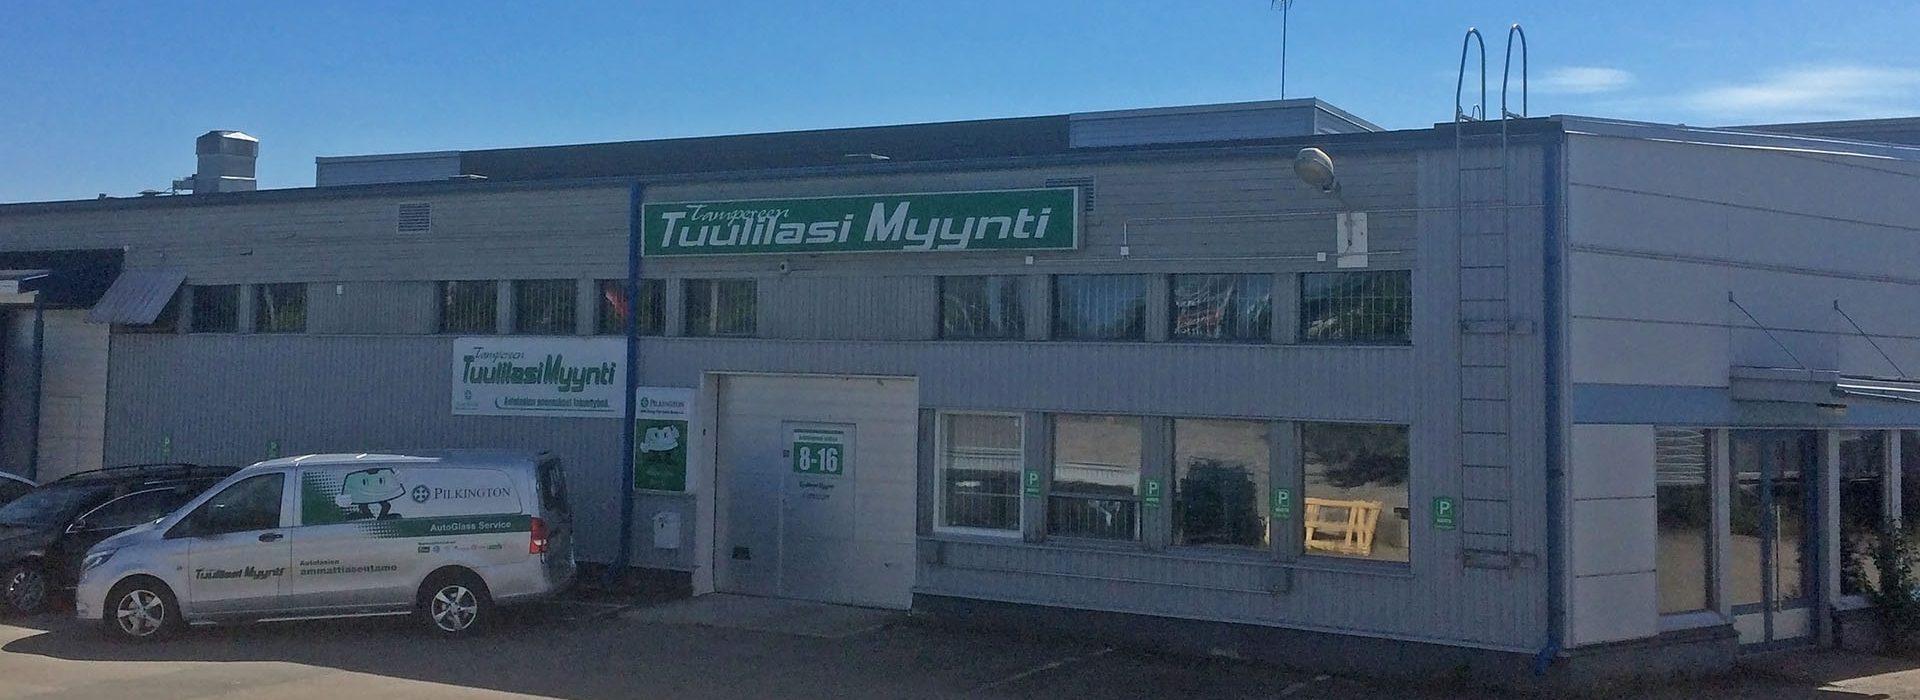 Tampereen Tuulilasimyynti - Possijärvenkatu 2, 33400 Tampere (Lielahti)